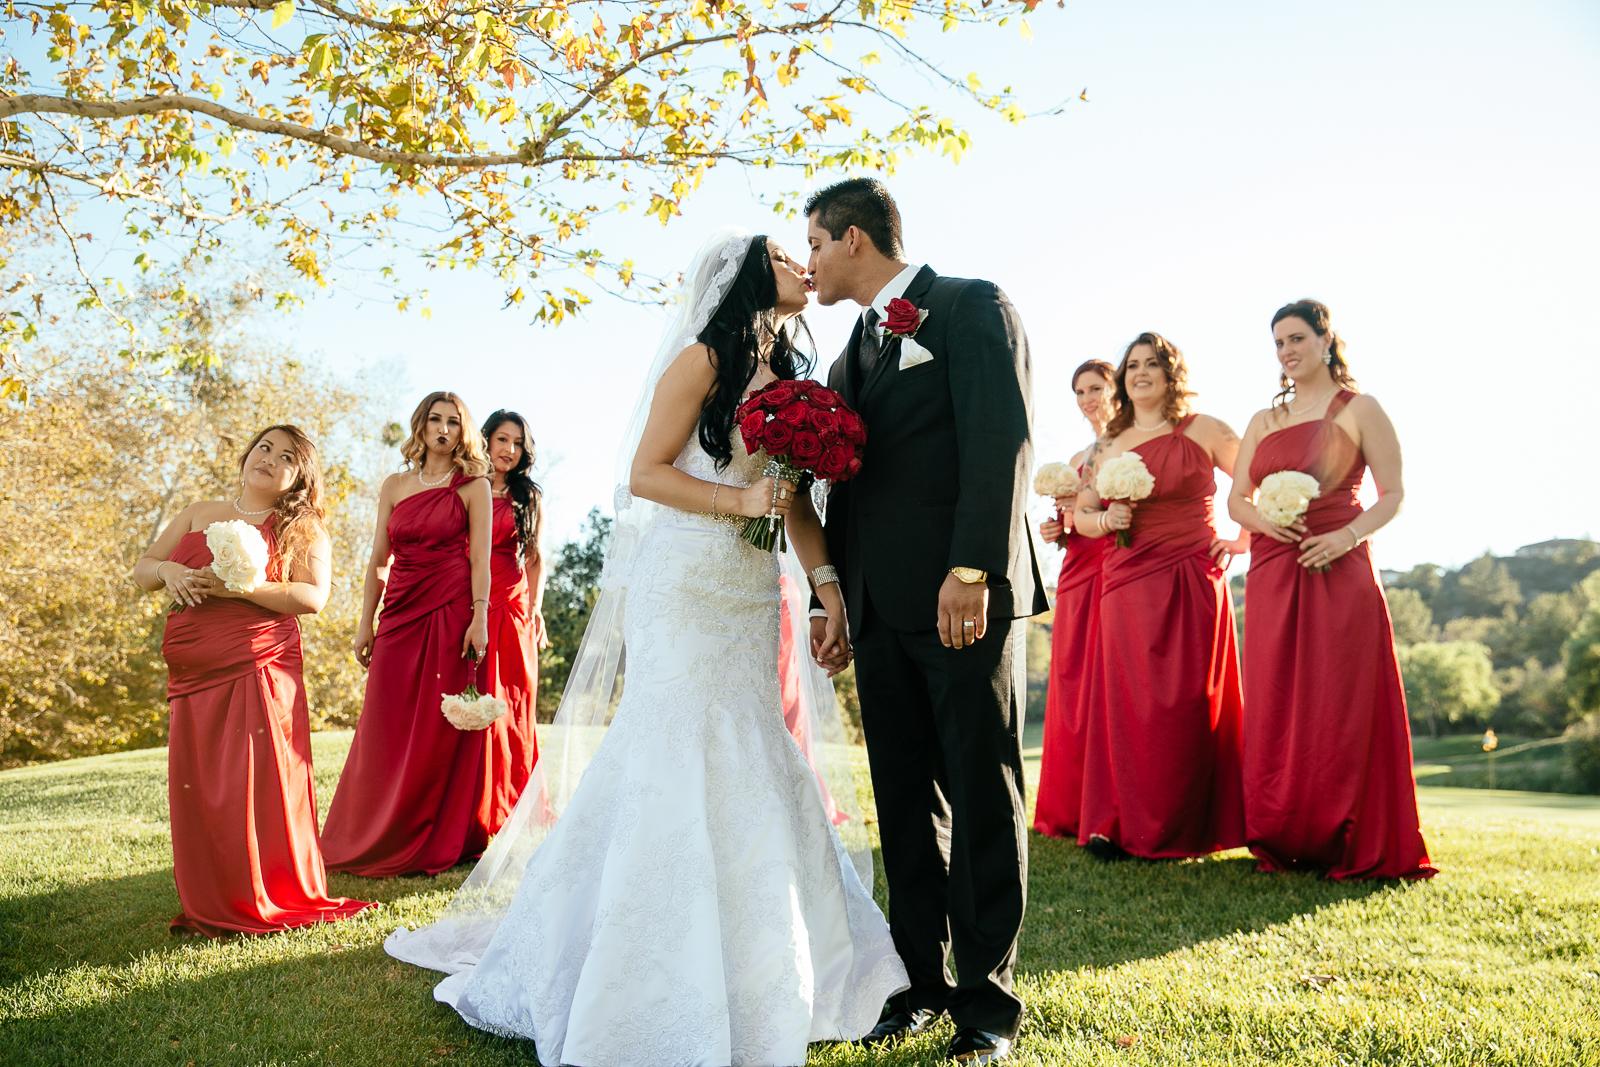 STACIE_&_JESUS_WEDDING_WEDGEWOOD_FALLBROOK_2015_2015_IMG_4586.JPG